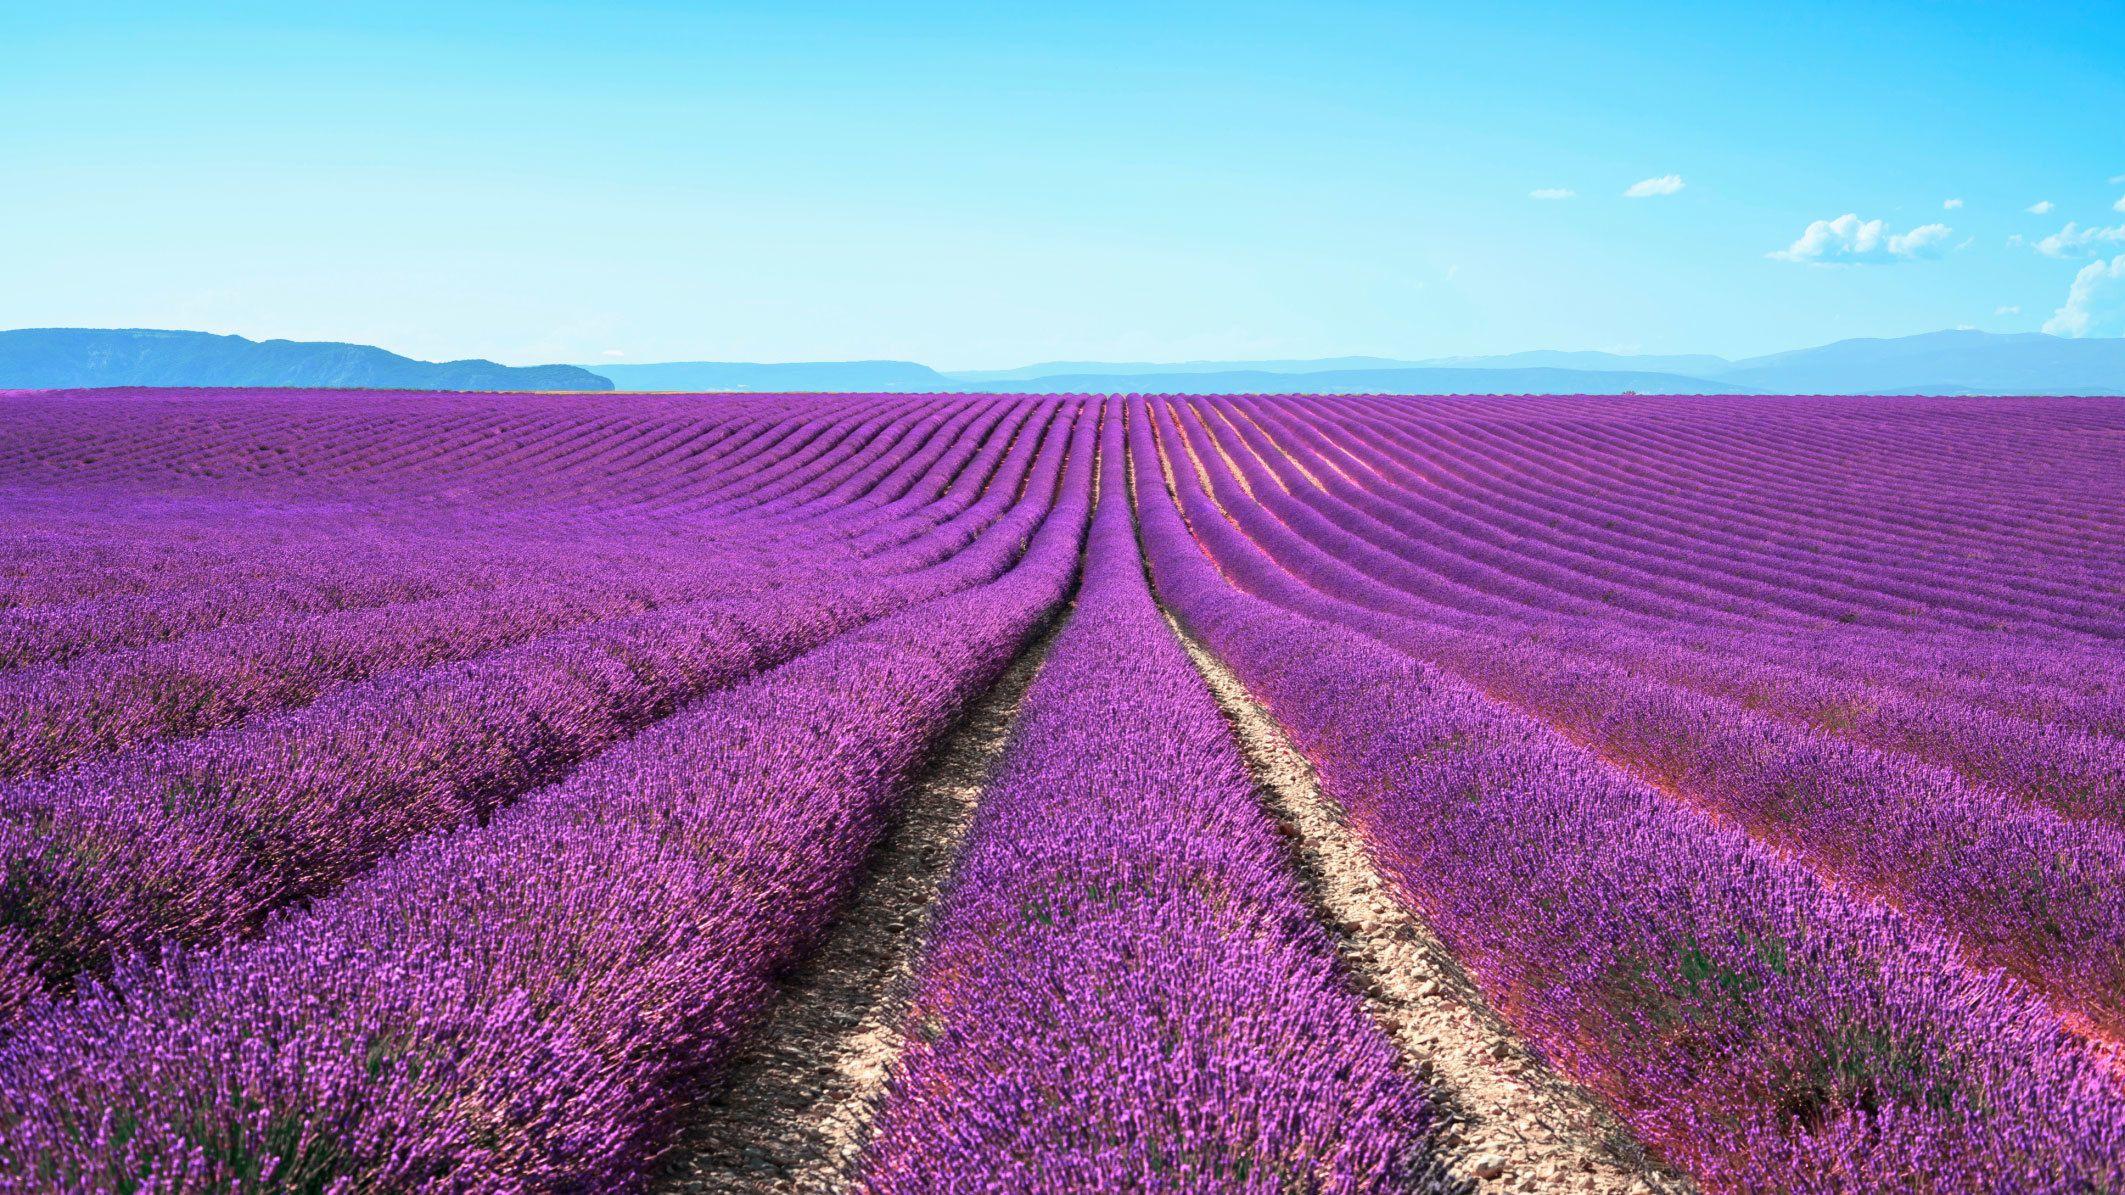 expansive lavender field in paris